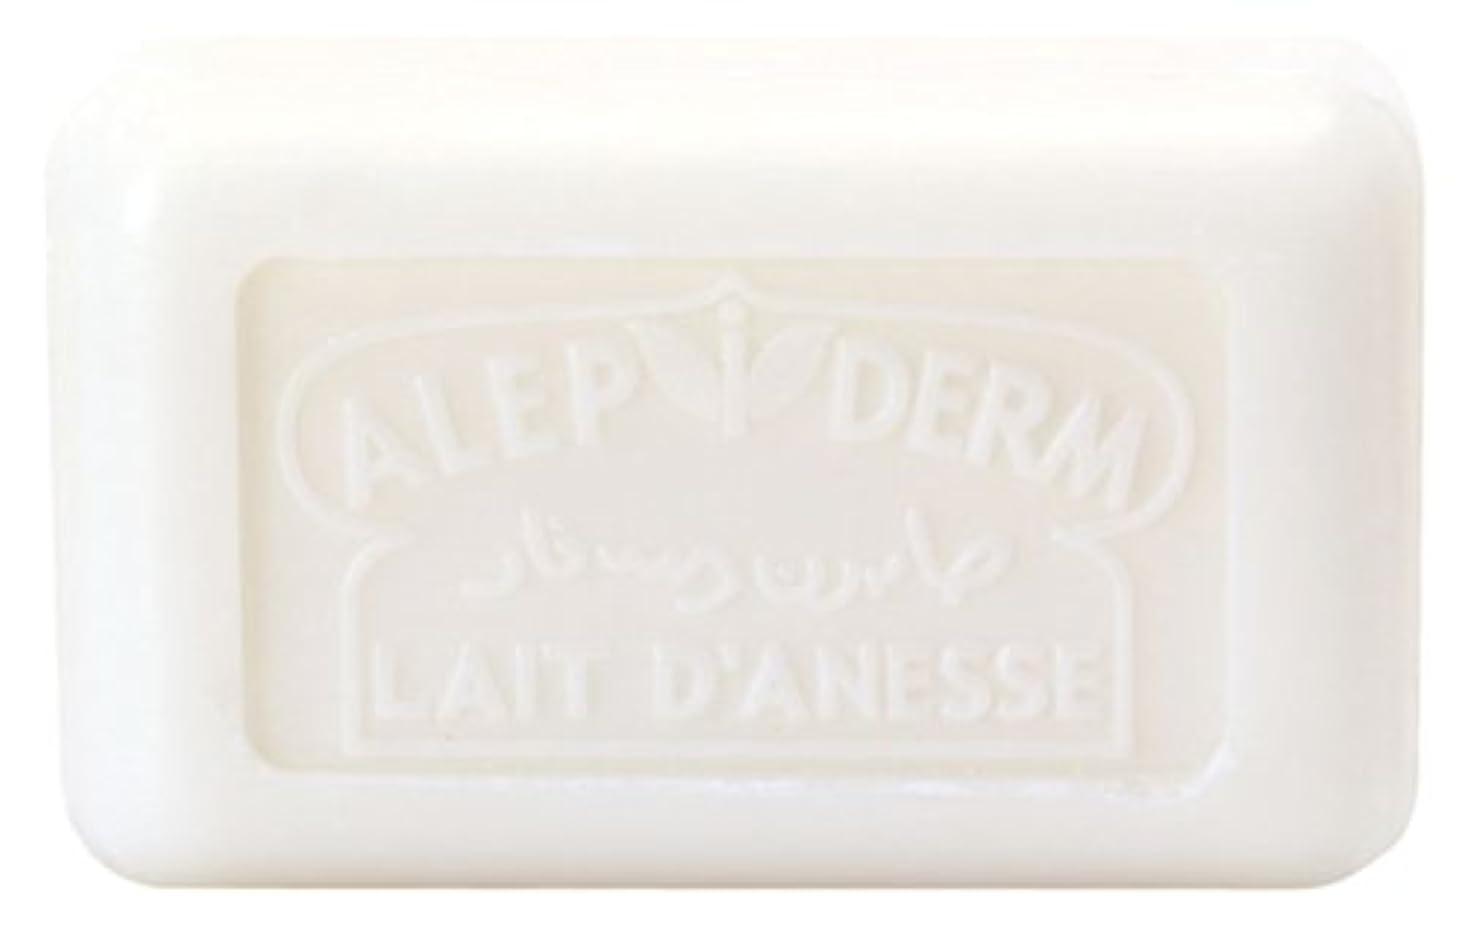 法医学冒険家ミントノルコーポレーション プロヴァンス アレピダーム 洗顔石鹸 ロバミルク アルガンオイル シアバター配合 OB-PVP-4-1